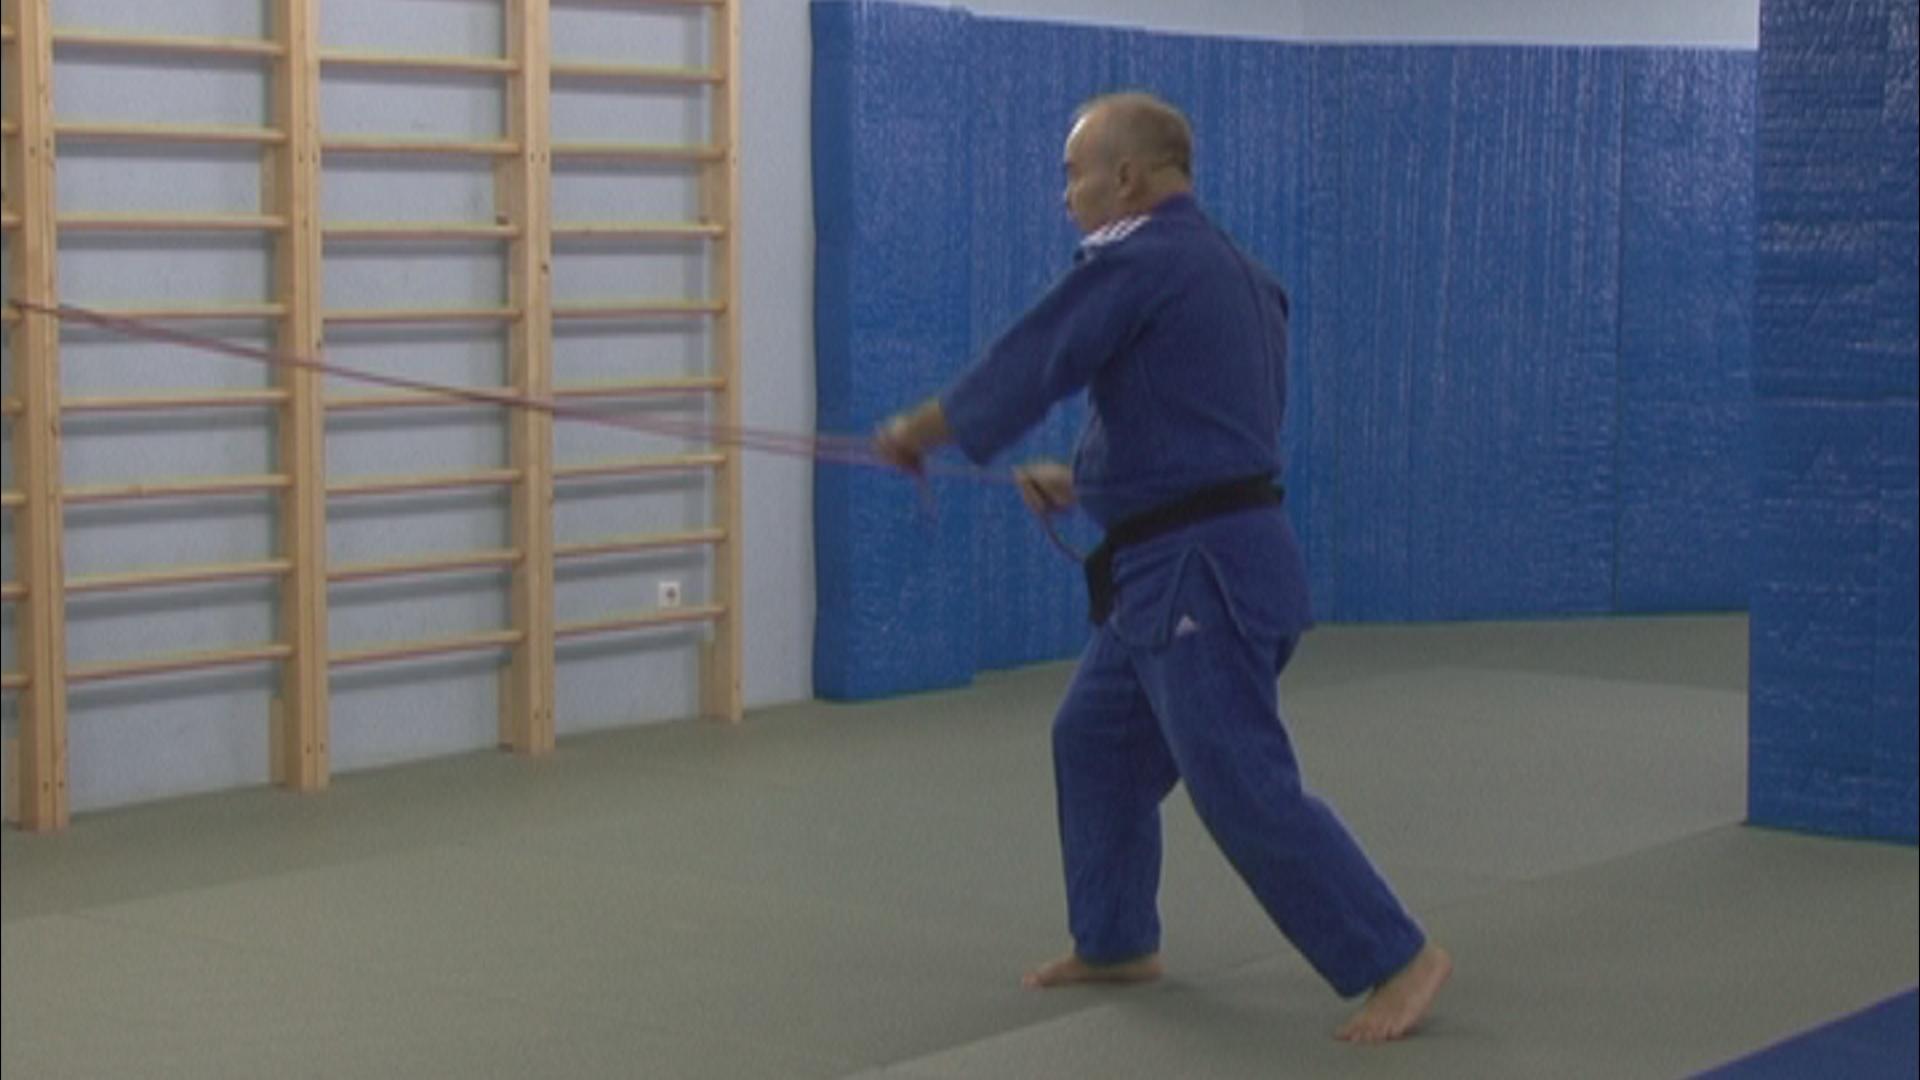 Уроки дзюдо. Тренировка с резиновым эспандером. Упражнения в летний период.